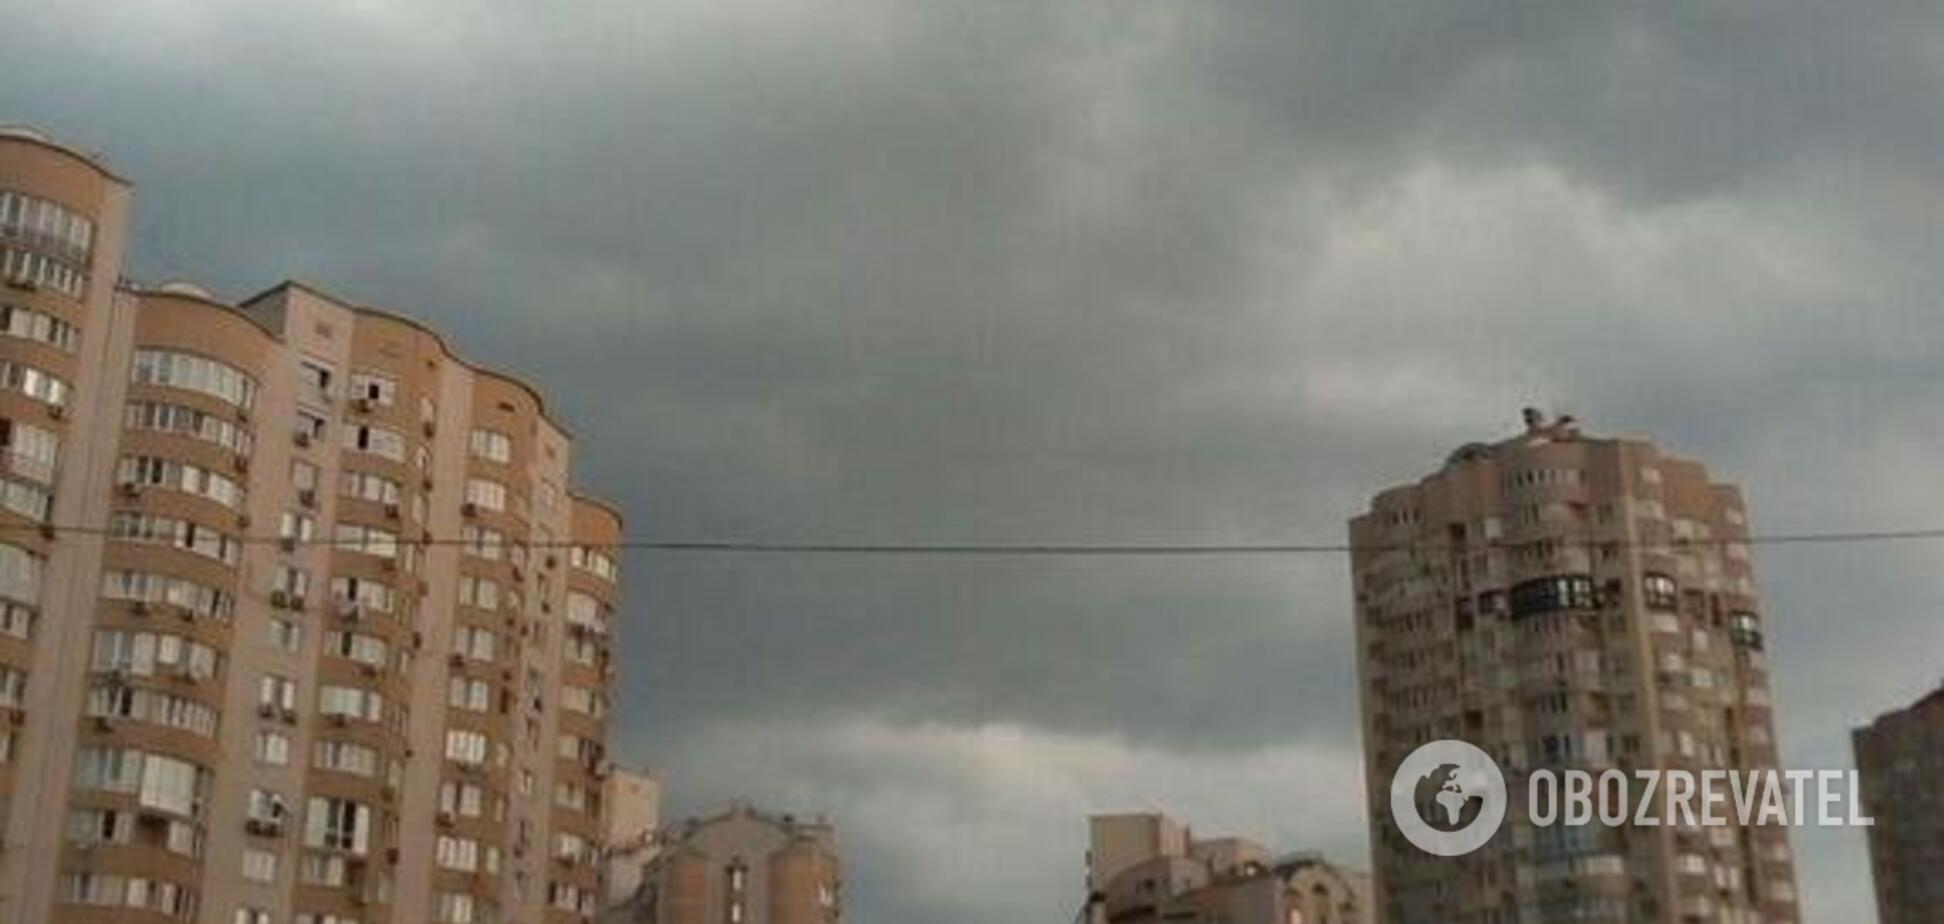 Киев накрыла настоящая буря: фото и видео из разных районов